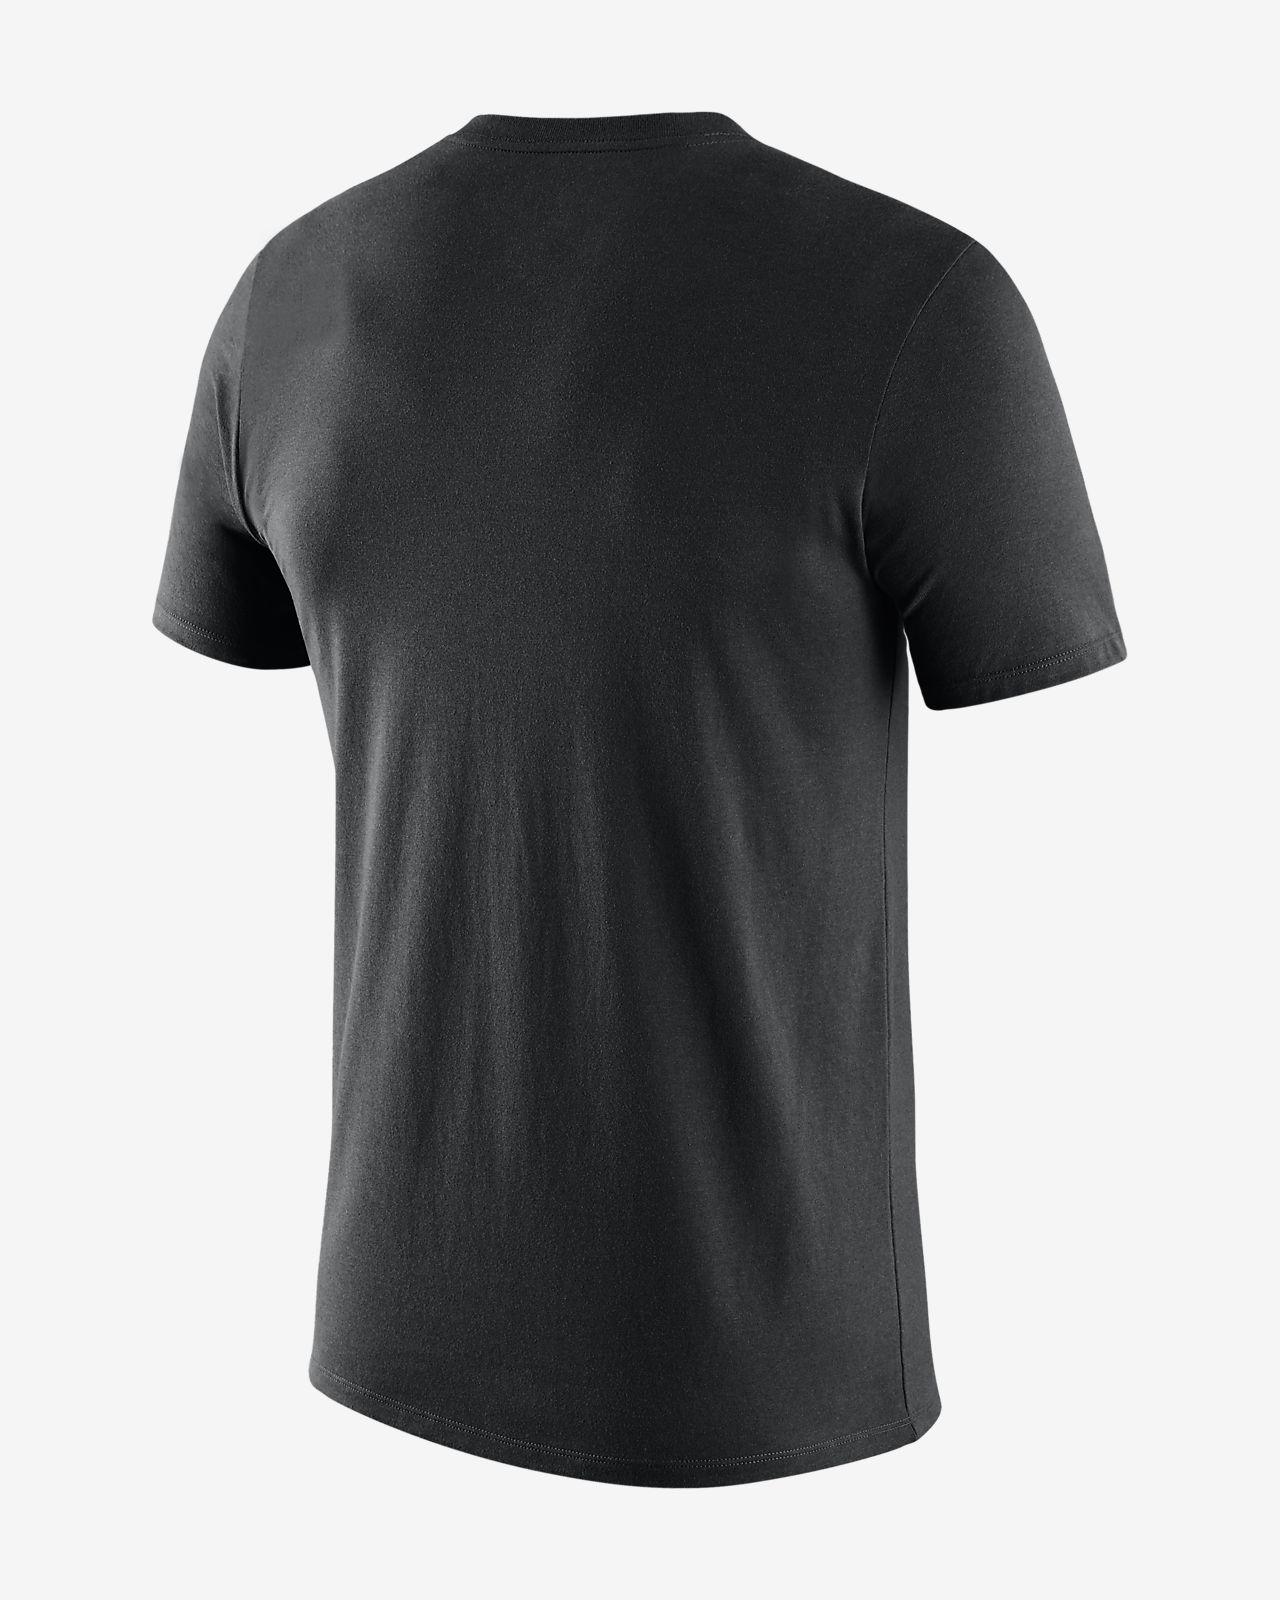 06fb0d960 Kyrie Irving Boston Celtics Nike Dri-FIT Men's NBA T-Shirt. Nike.com PT